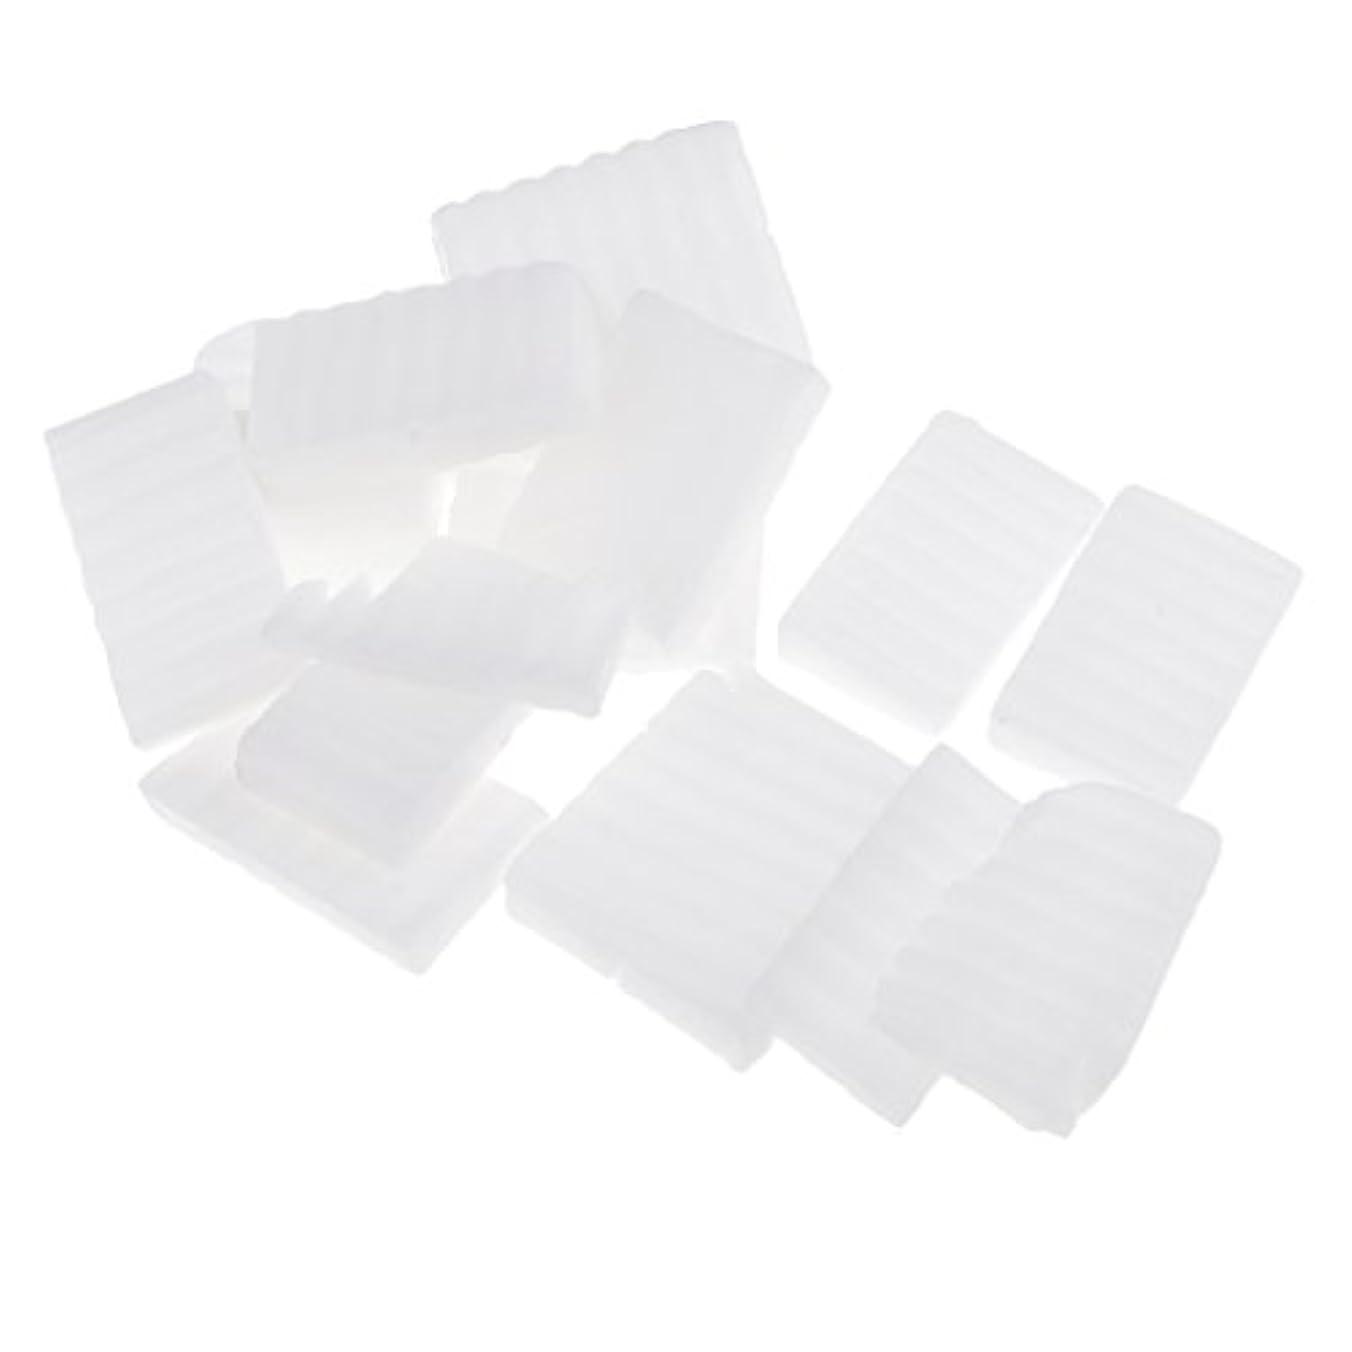 中空中市場約500g ホワイト 石鹸ベース DIY 手作り 石鹸 材料